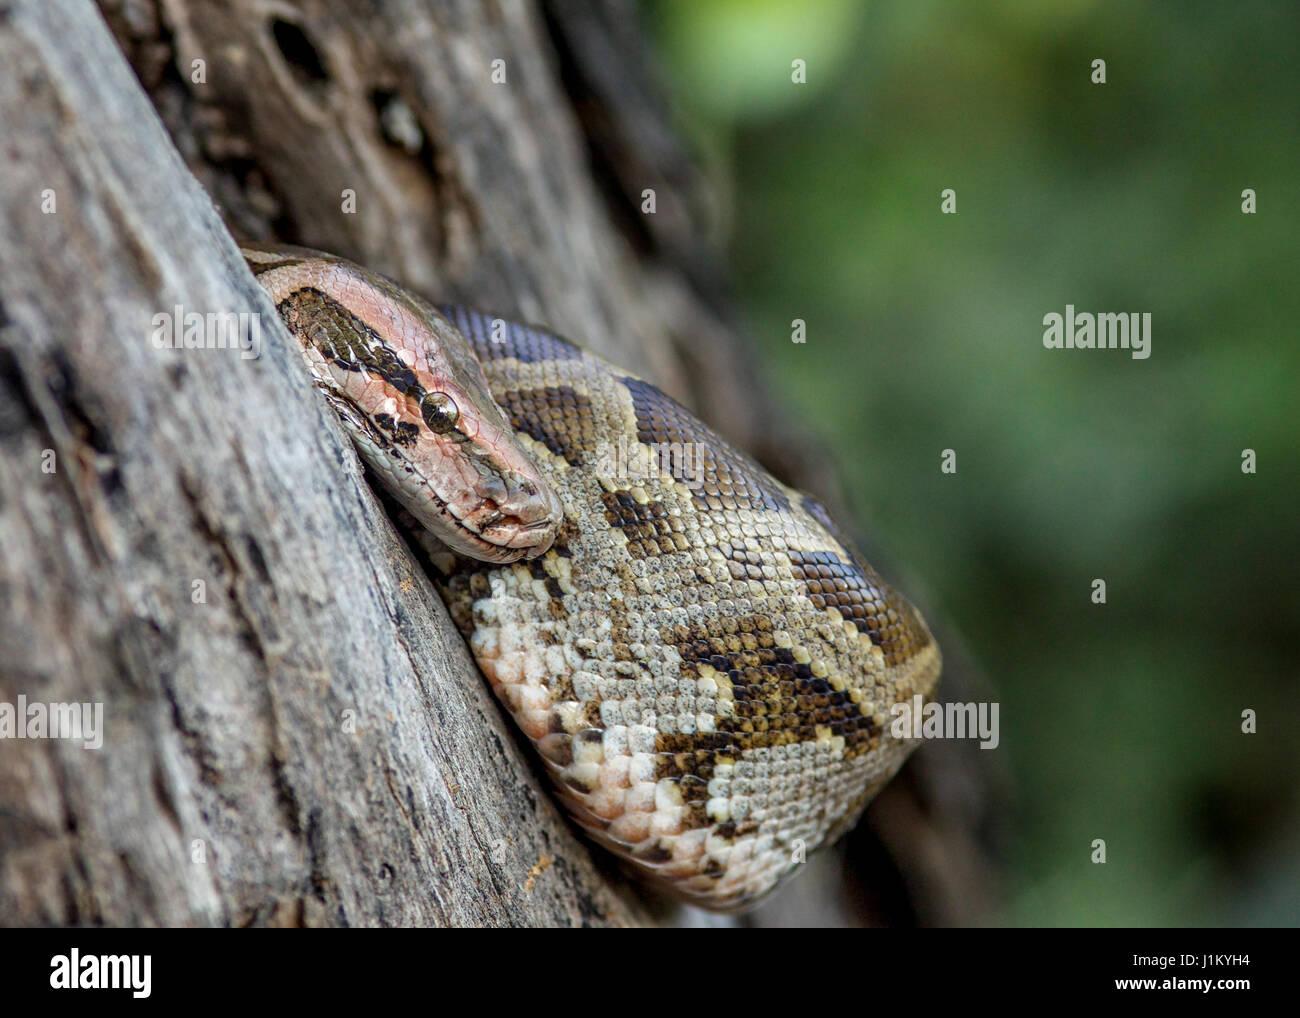 Baby Python(Python sebae),keoladeo national park,Bharatpur,India - Stock Image